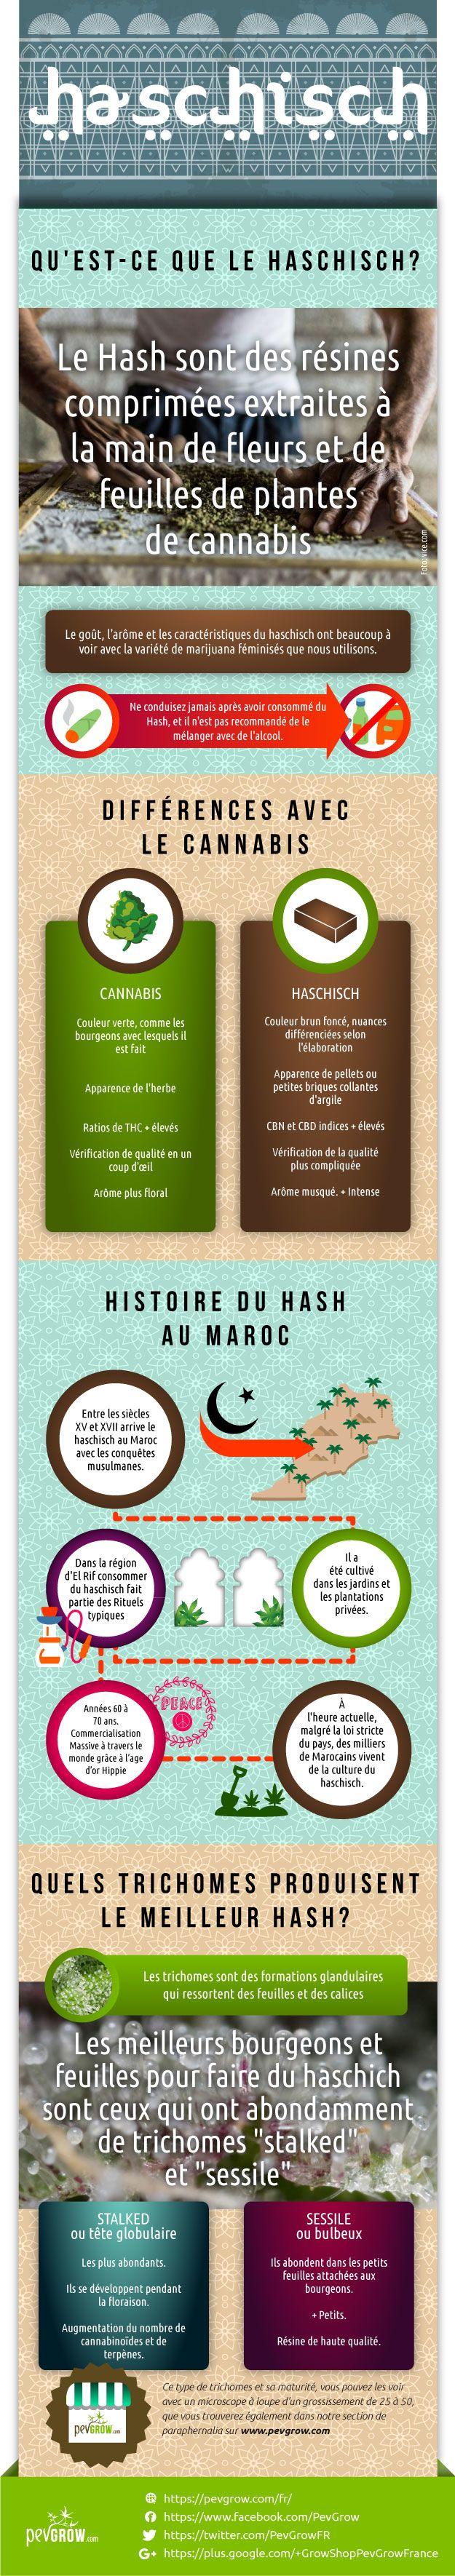 Infographie sur le haschich